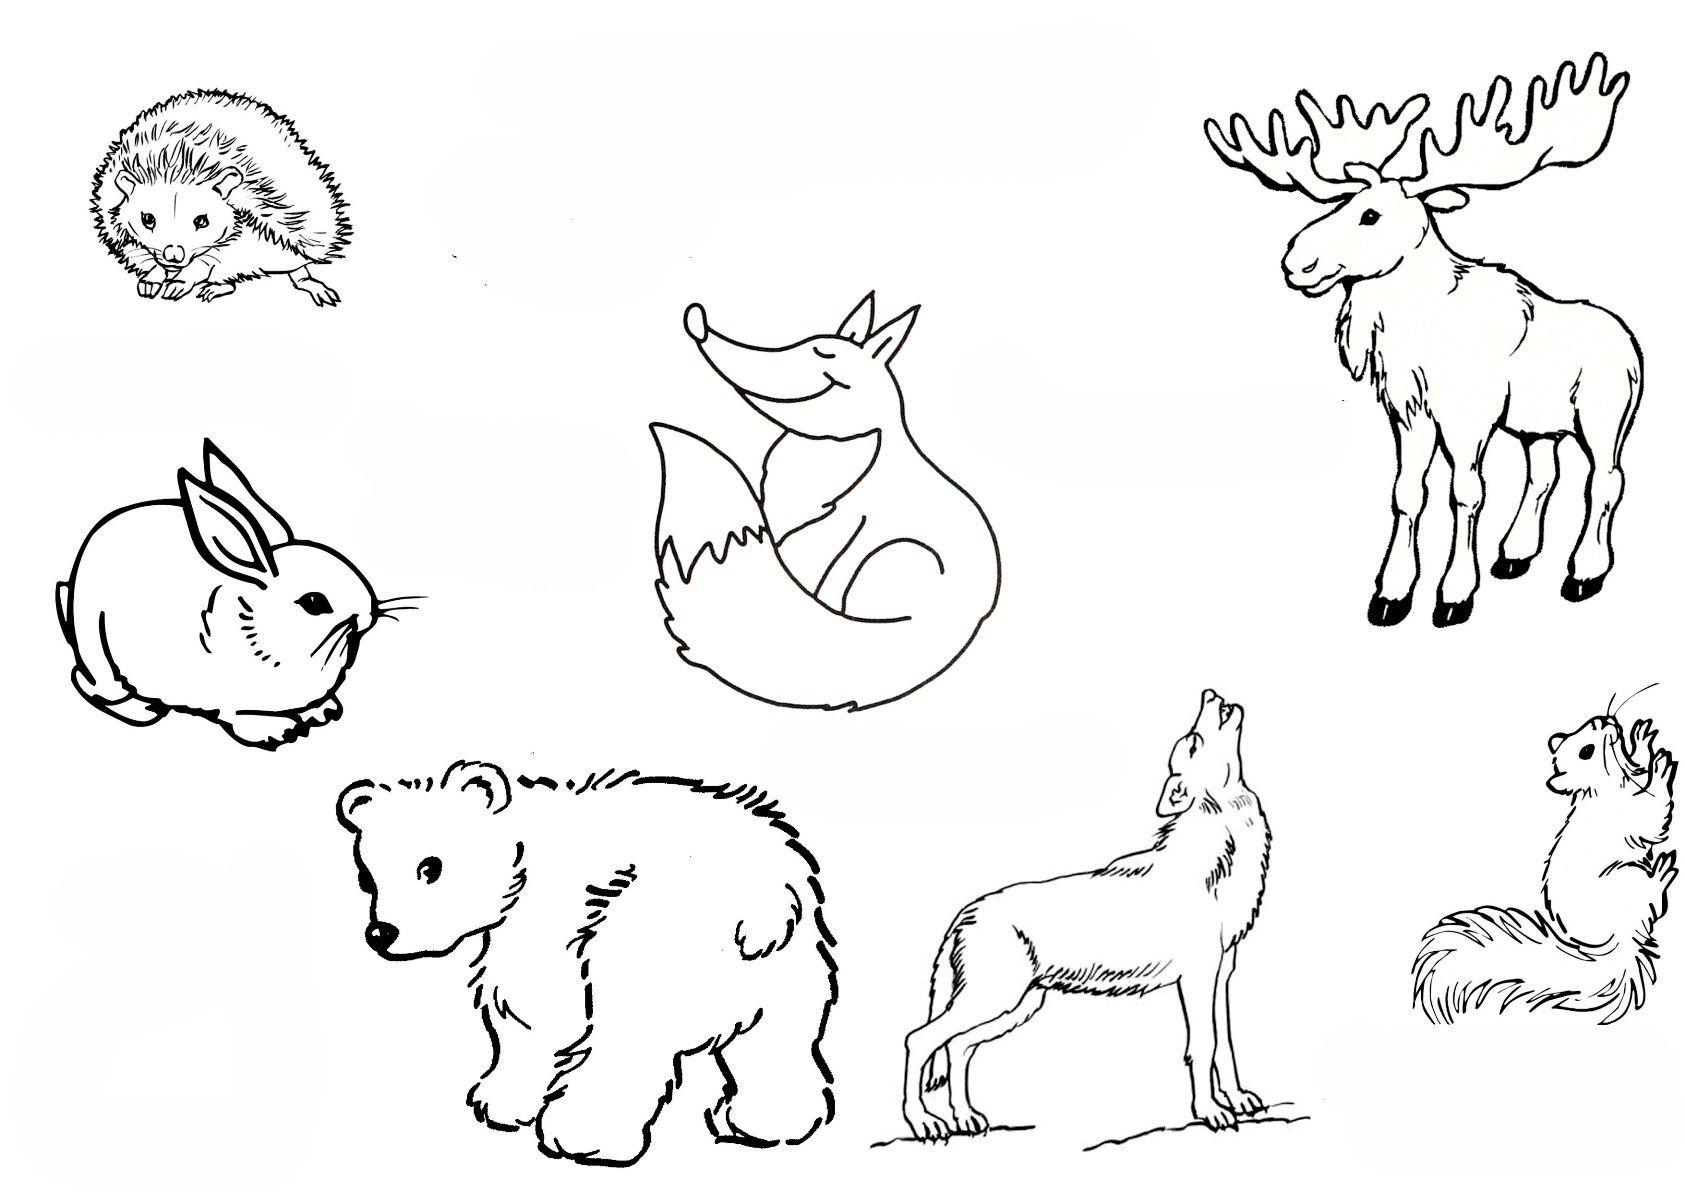 Ausmalbilder Herbst Igel : Ausmalbilder Waldtiere 03 Igel Pinterest Waldtiere